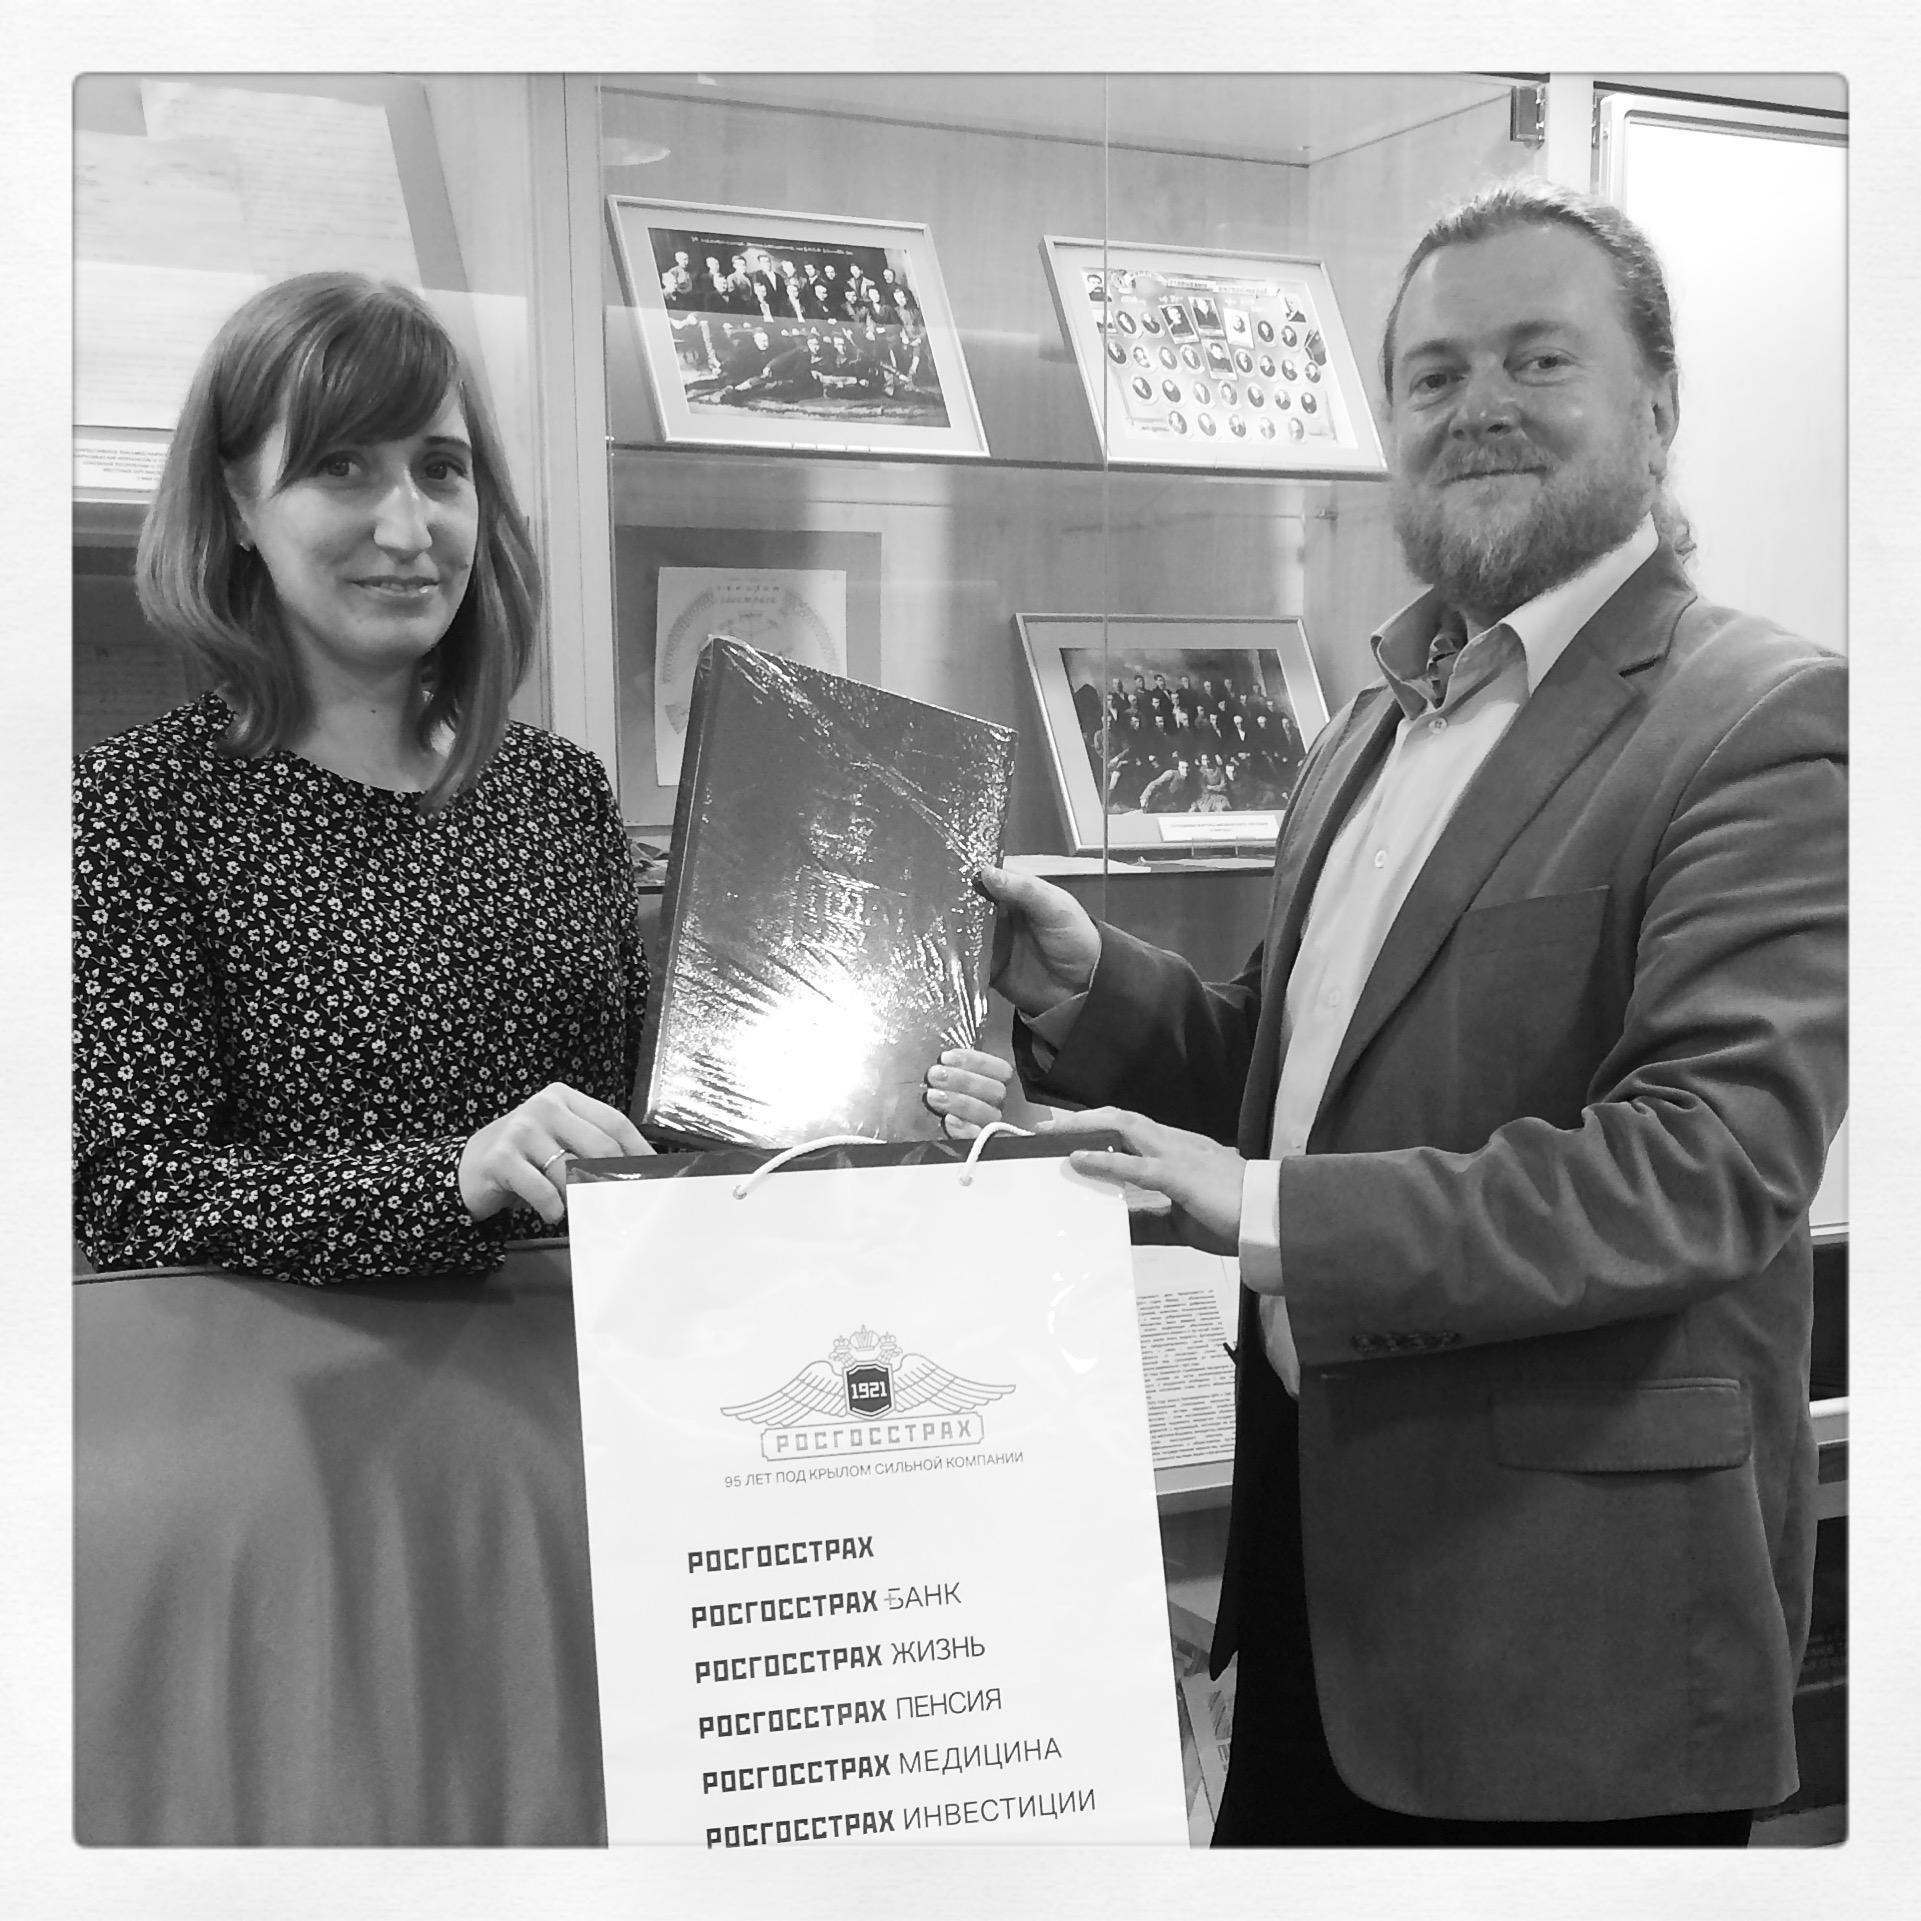 Вручение памятных подарков Артёму Кузнецову в центральном офисе компании Росгносстрах